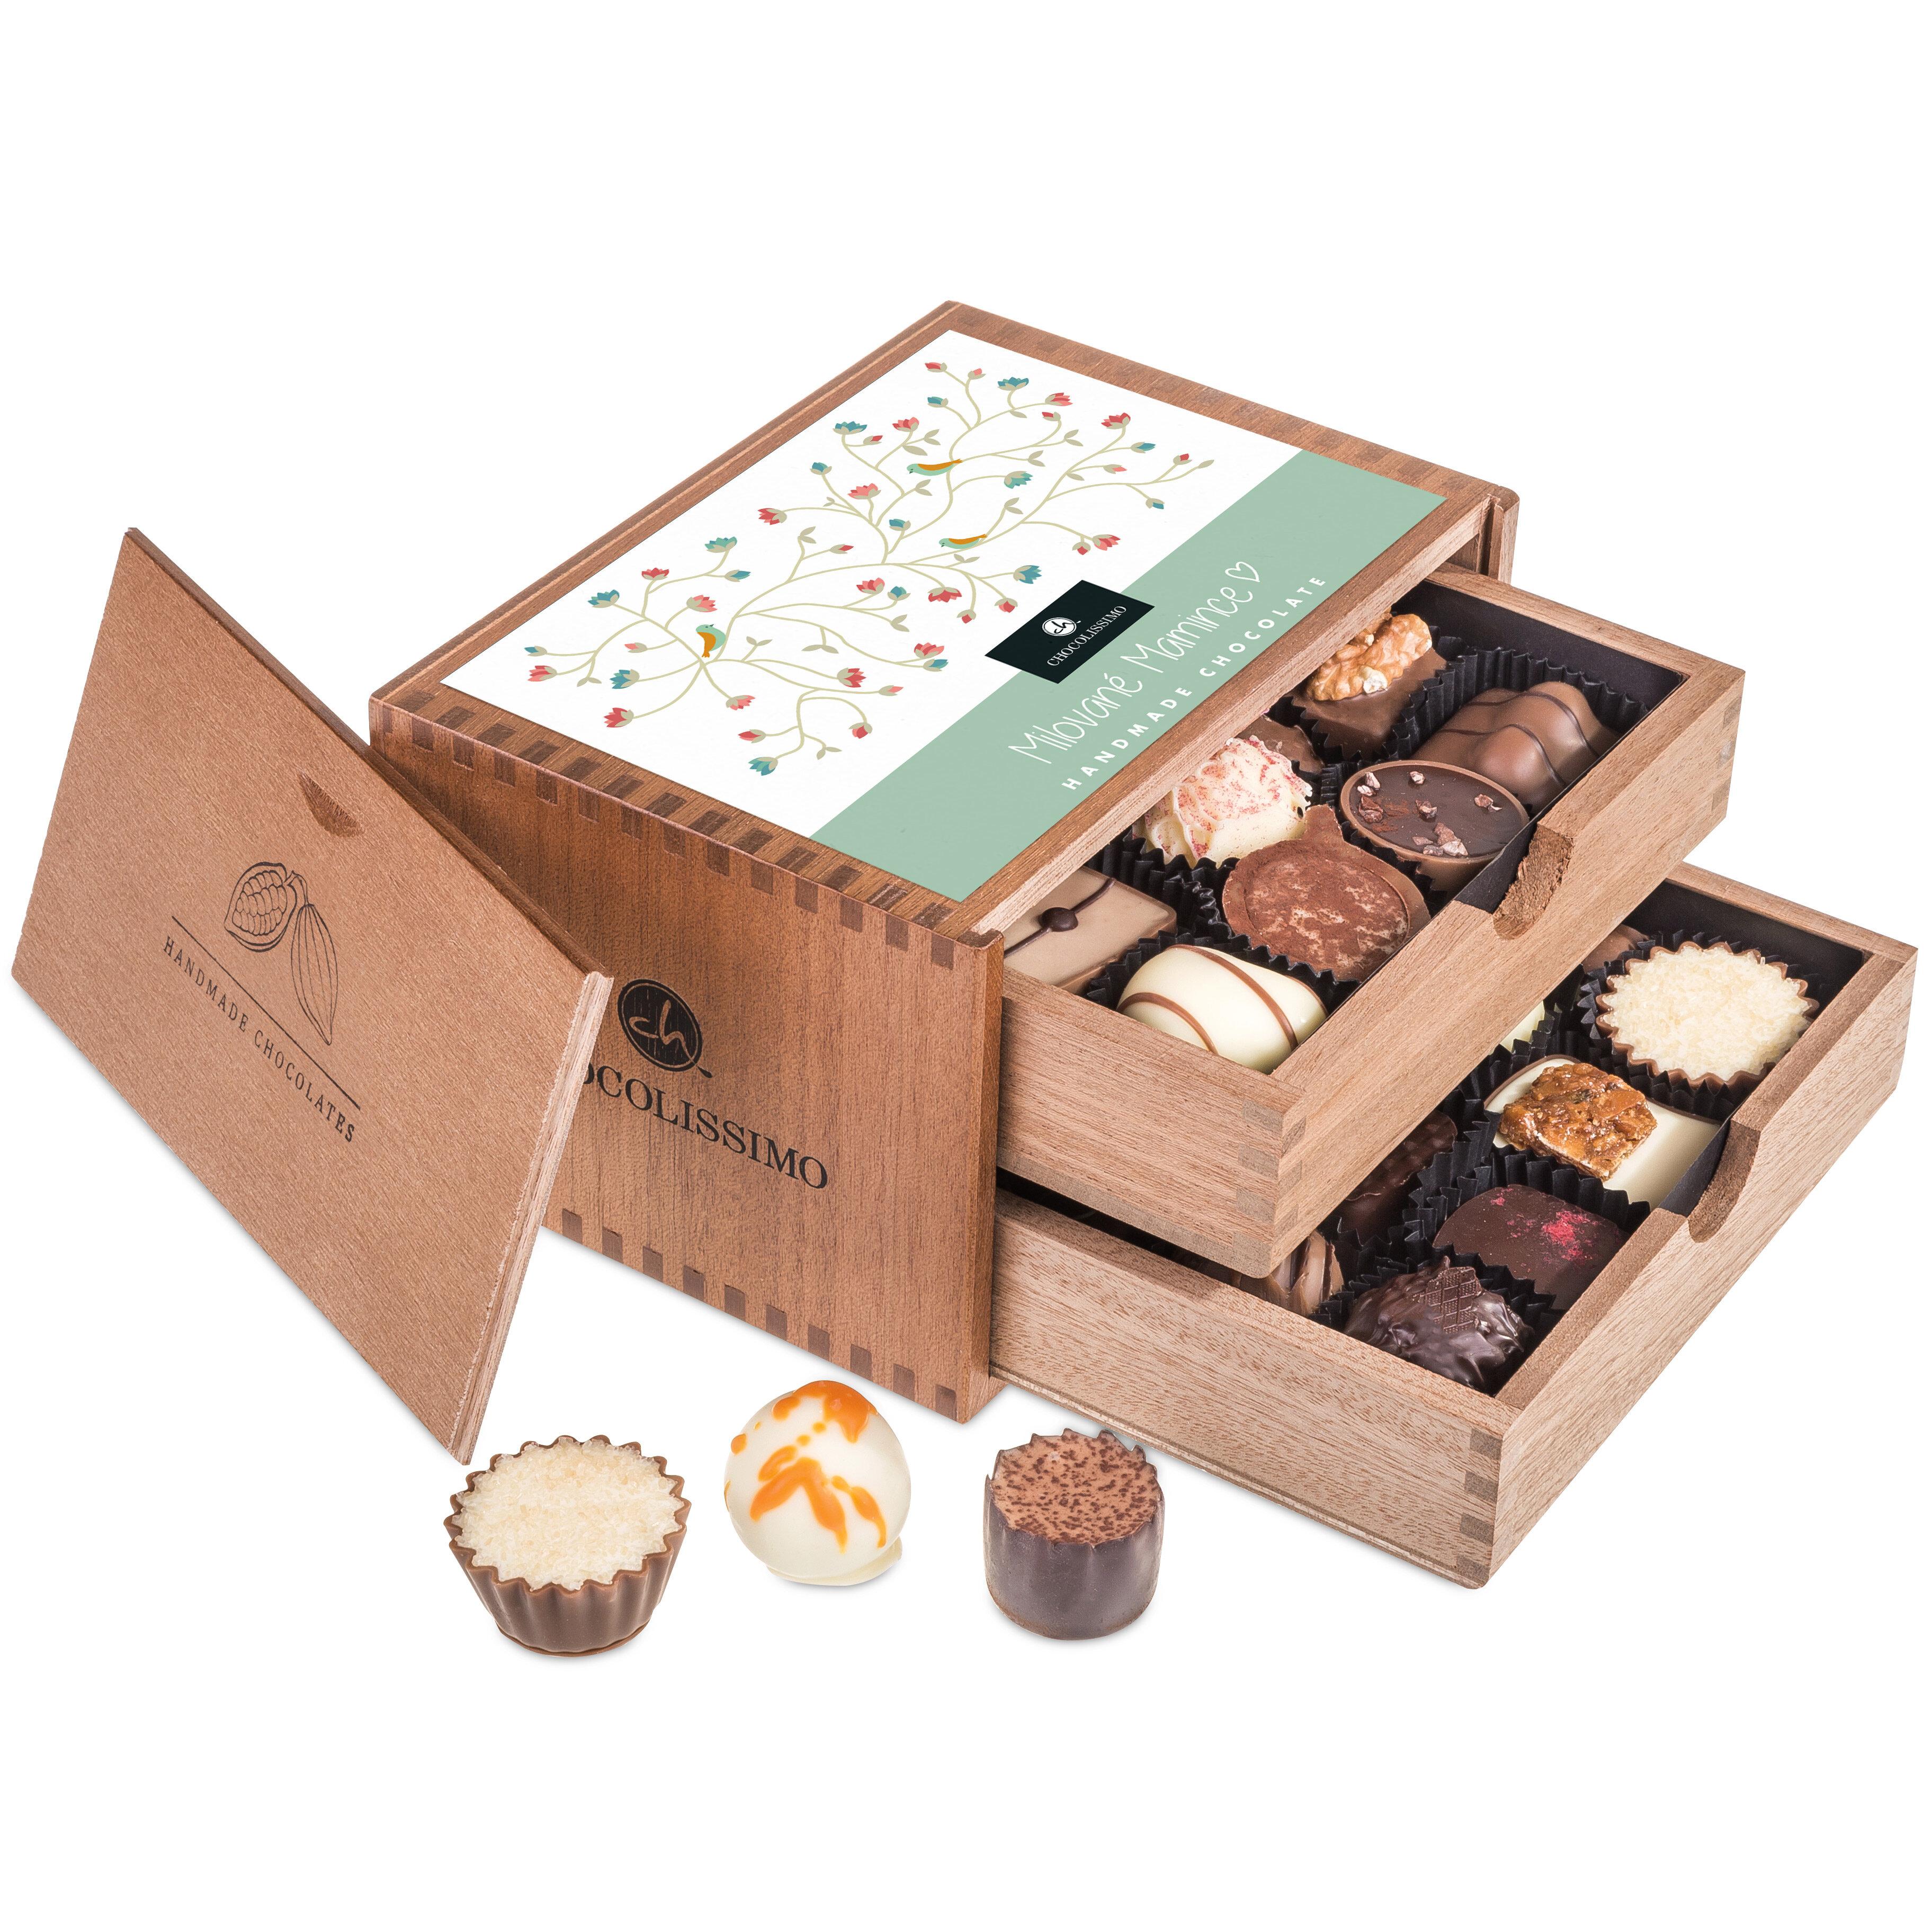 Čokoládové dárky ✩ personalizované dárky z čokolády